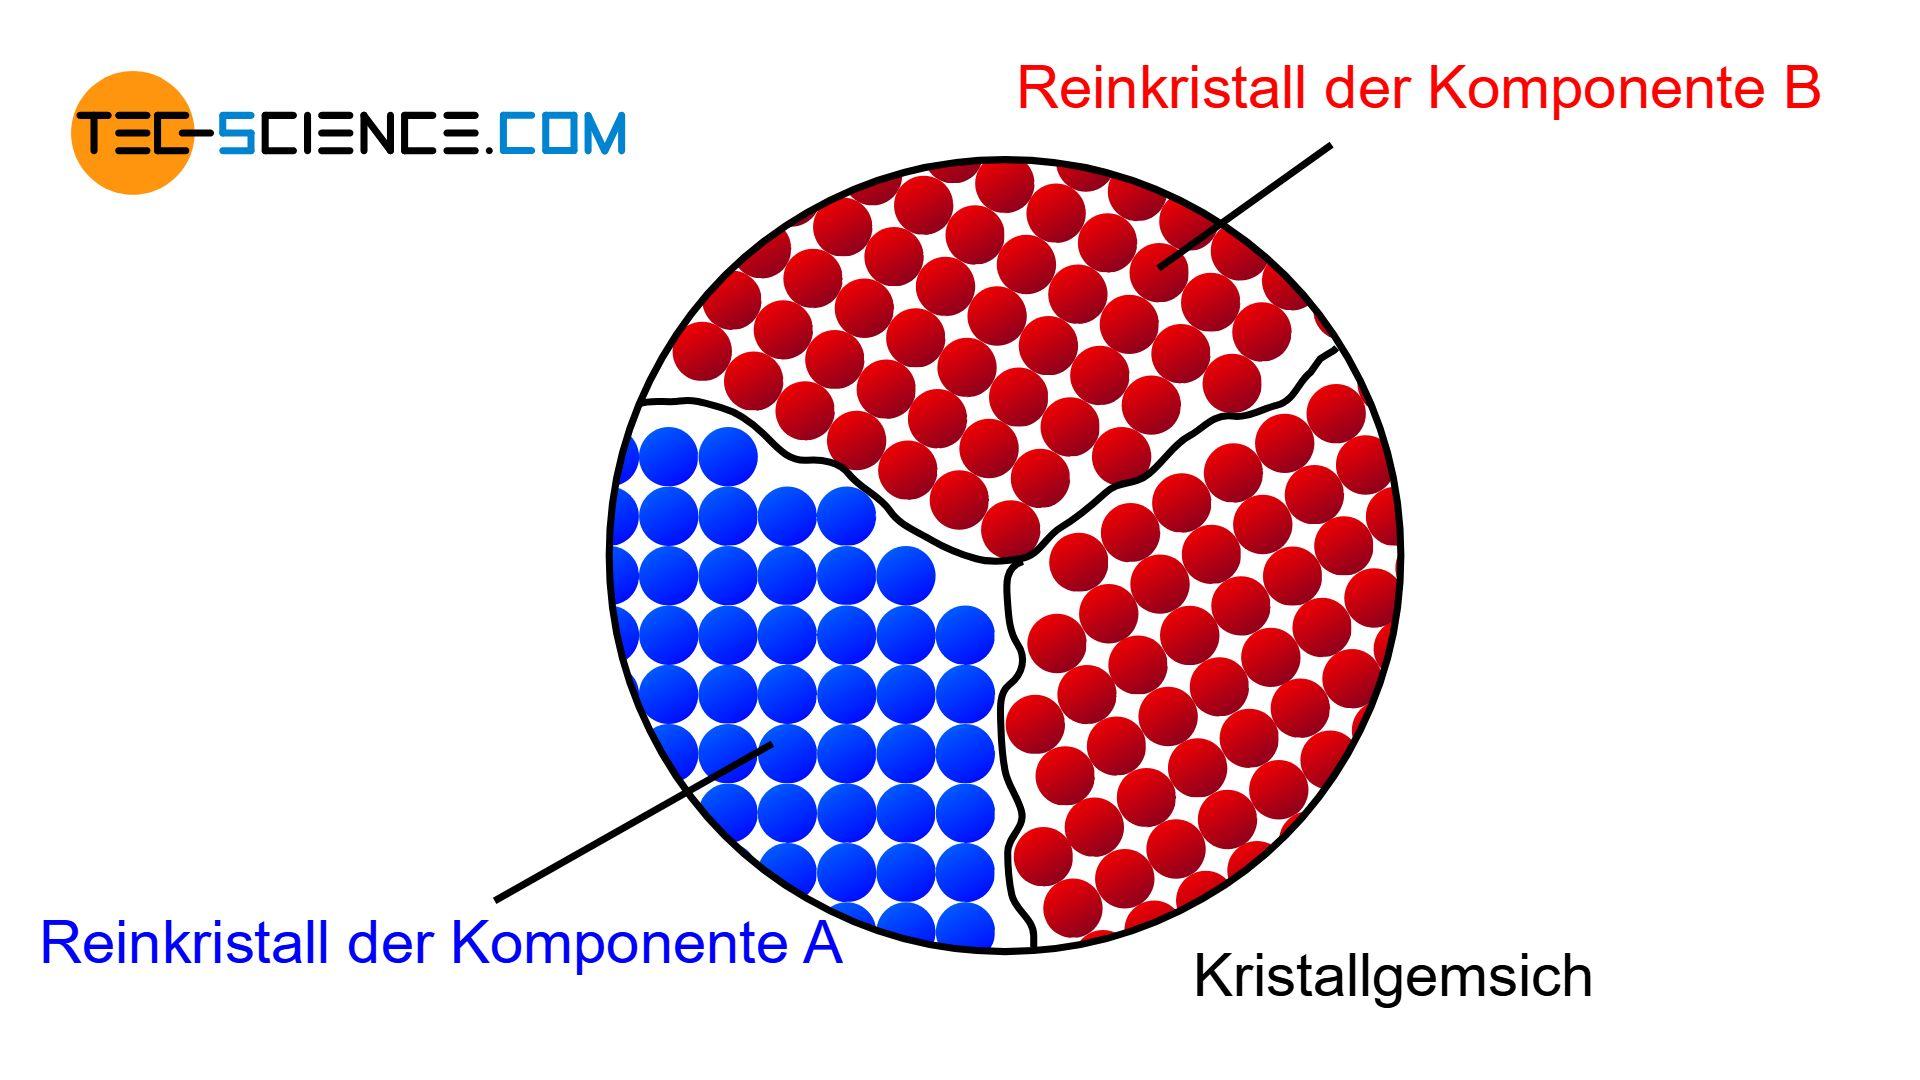 Schematisches Gefüge einer vollständigen Unlöslichkeit der beiden Komponenten im festen Zustand